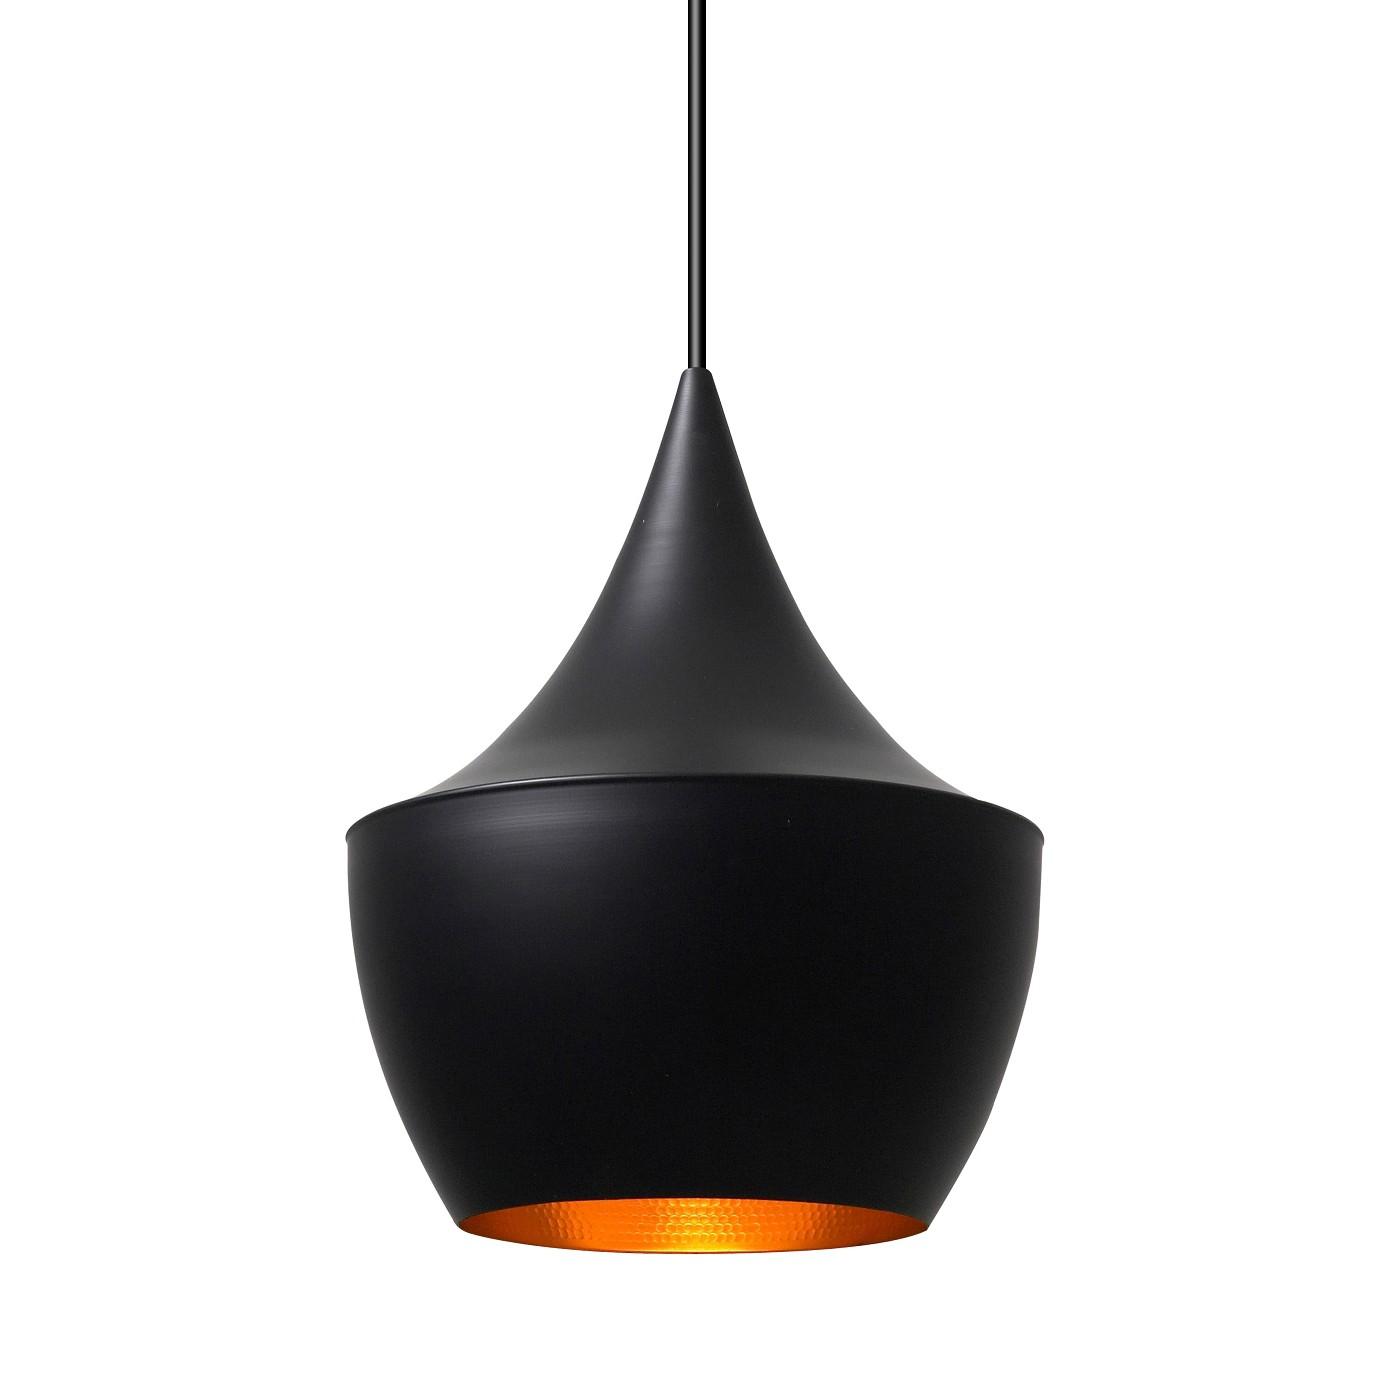 tom dixon farbe und licht im kontext. Black Bedroom Furniture Sets. Home Design Ideas